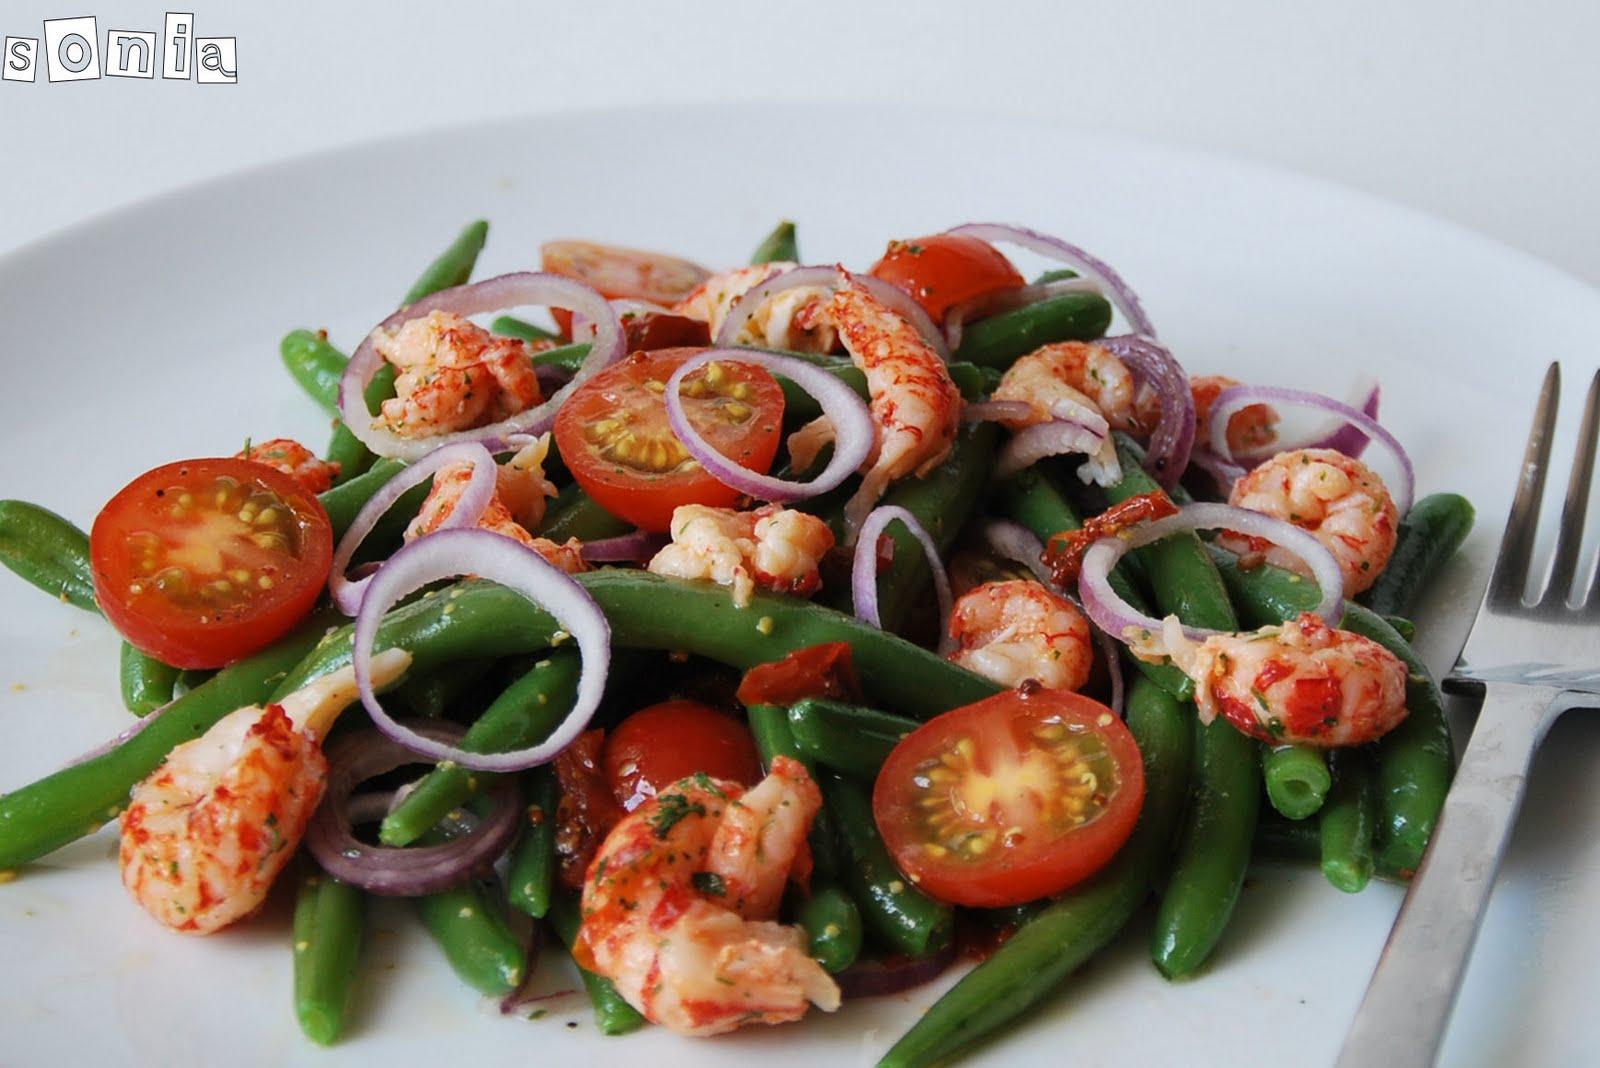 Ensalada de jud as verdes con cangrejos de rio y tomatitos - Como hacer judias verdes ...